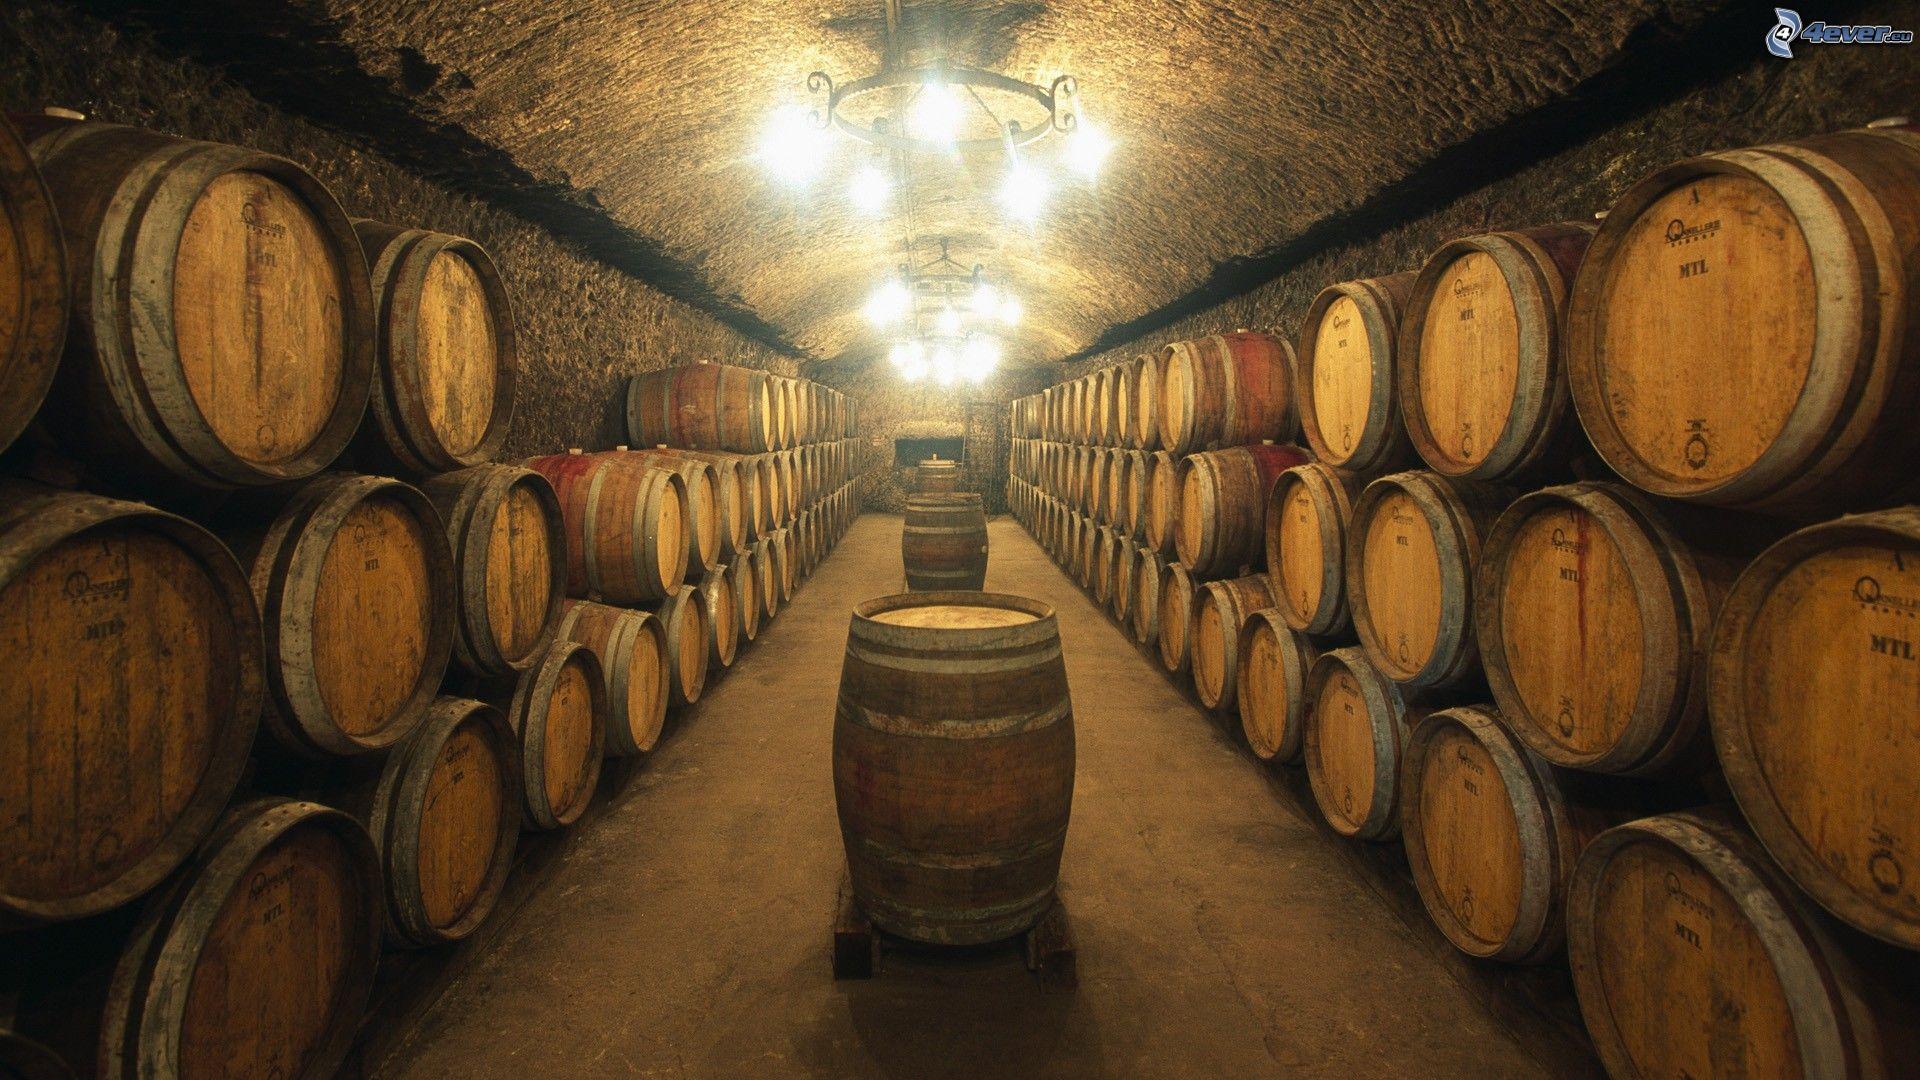 Barriles - Barril de vino ...